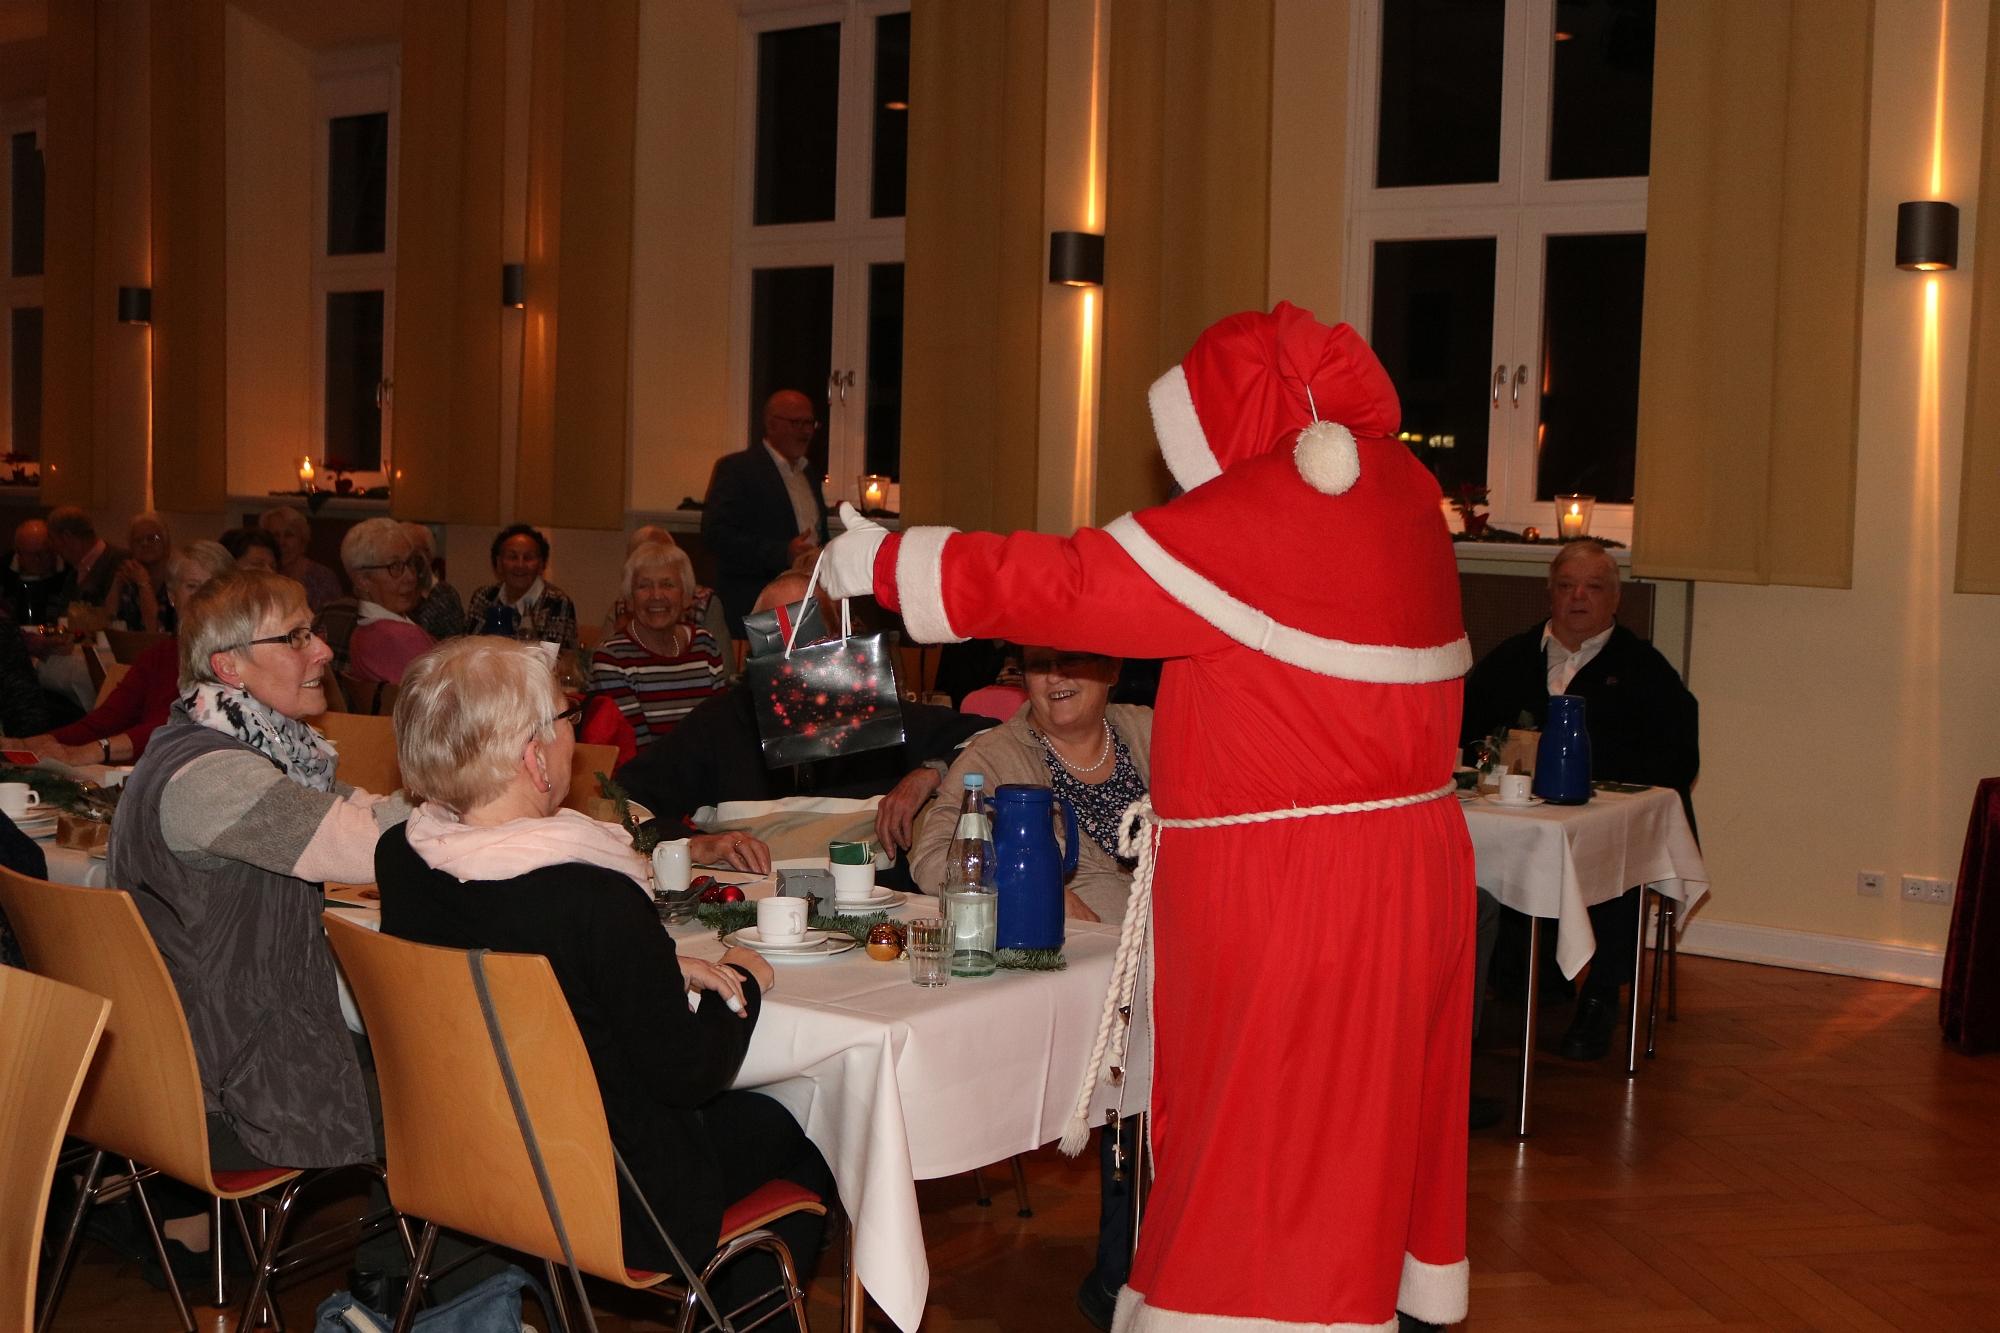 20191213 Senioren-Weihnachtsbacken Gemeinde Leck 27